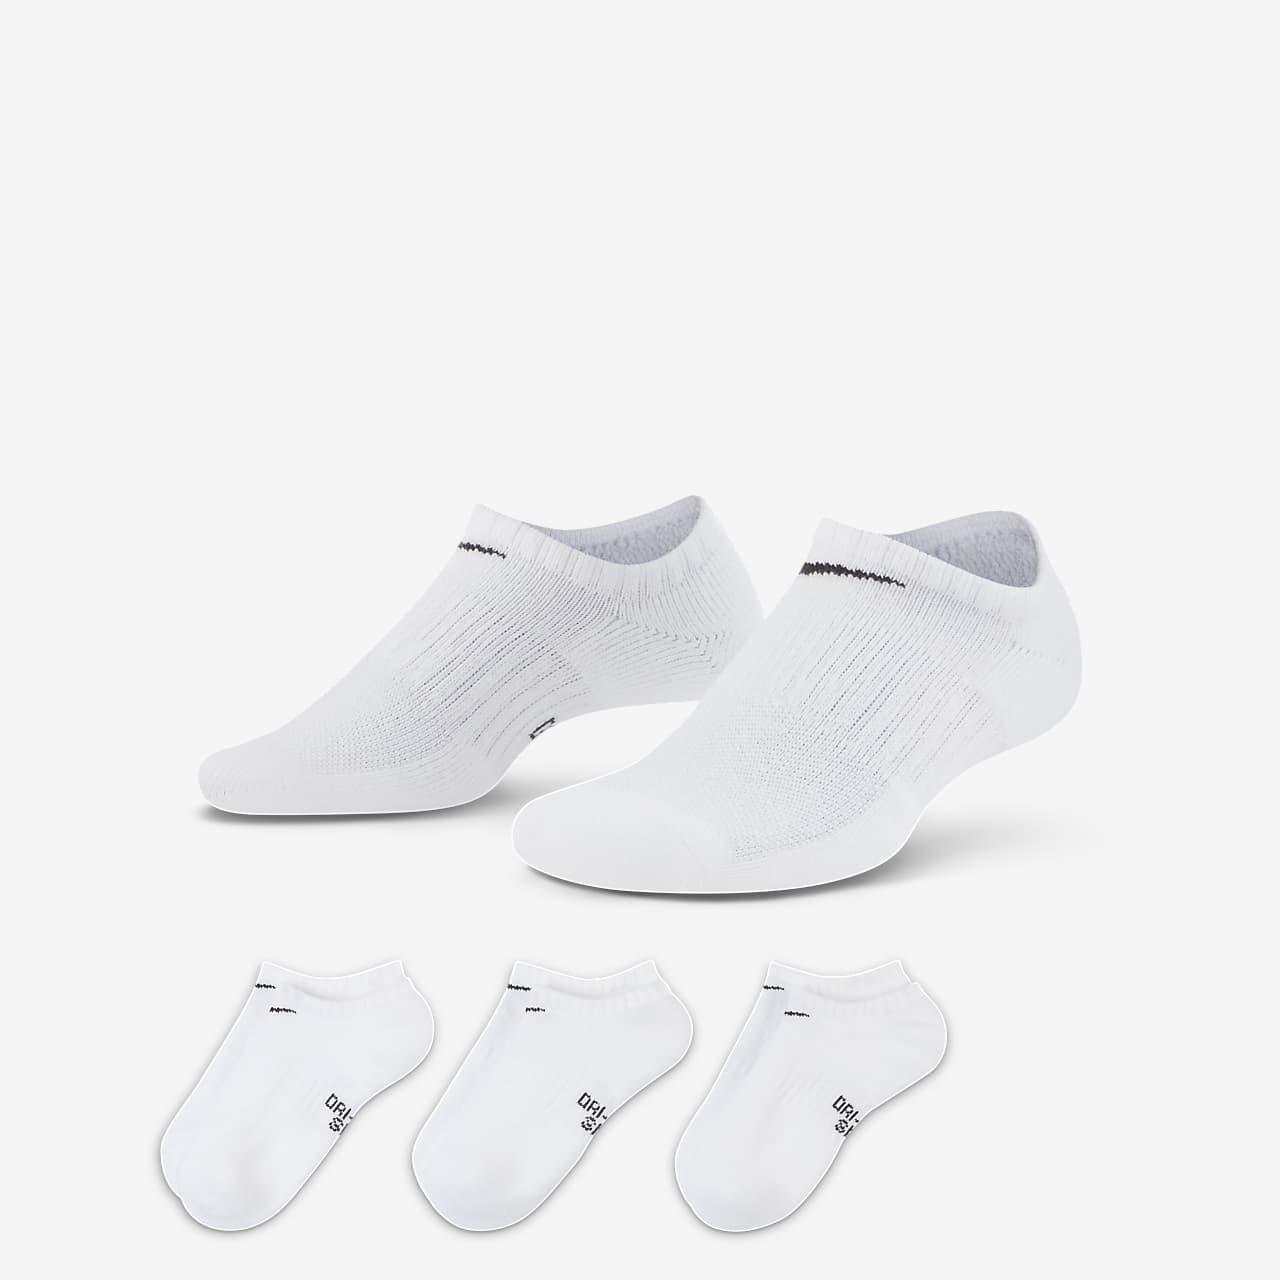 Nike Performance Cushioned No-Show - strømper til børn (3 par)